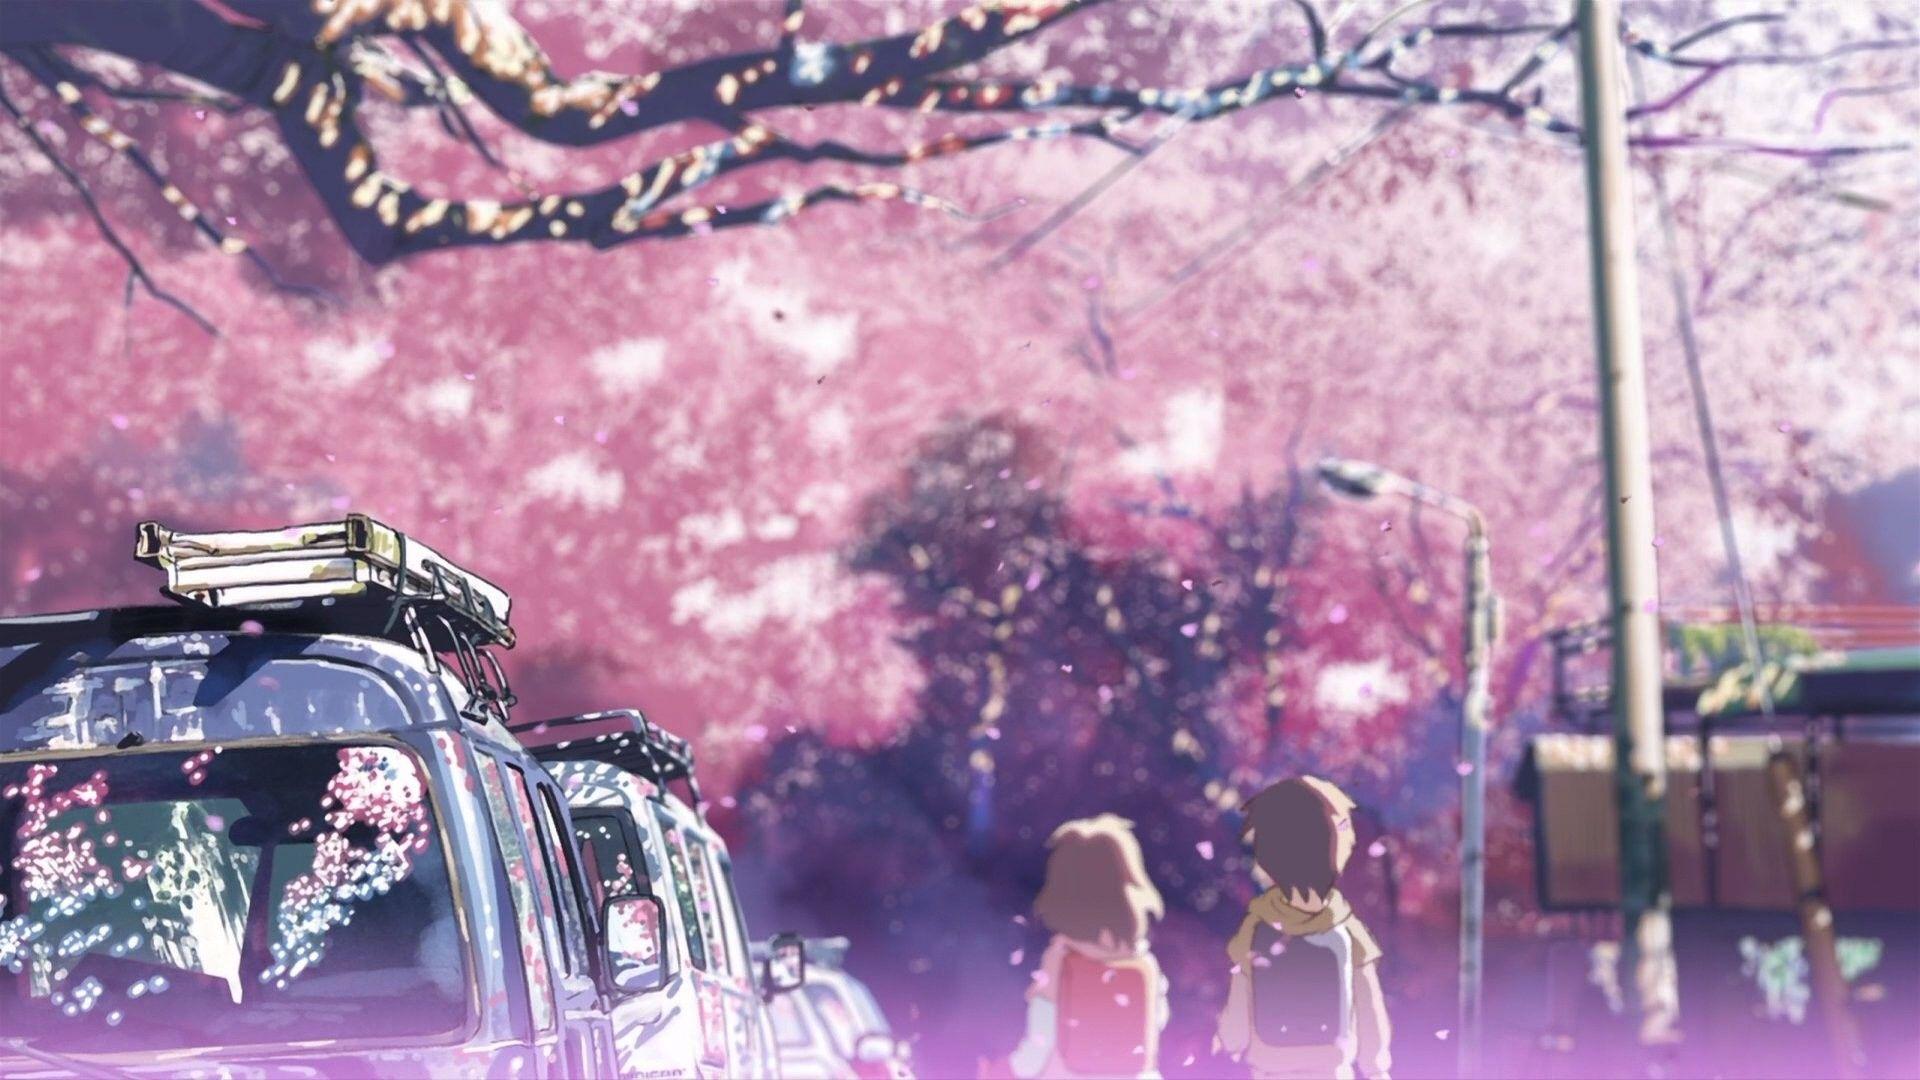 1920x1080 Cherry blossoms Makoto Shinkai 5 Centimeters Per